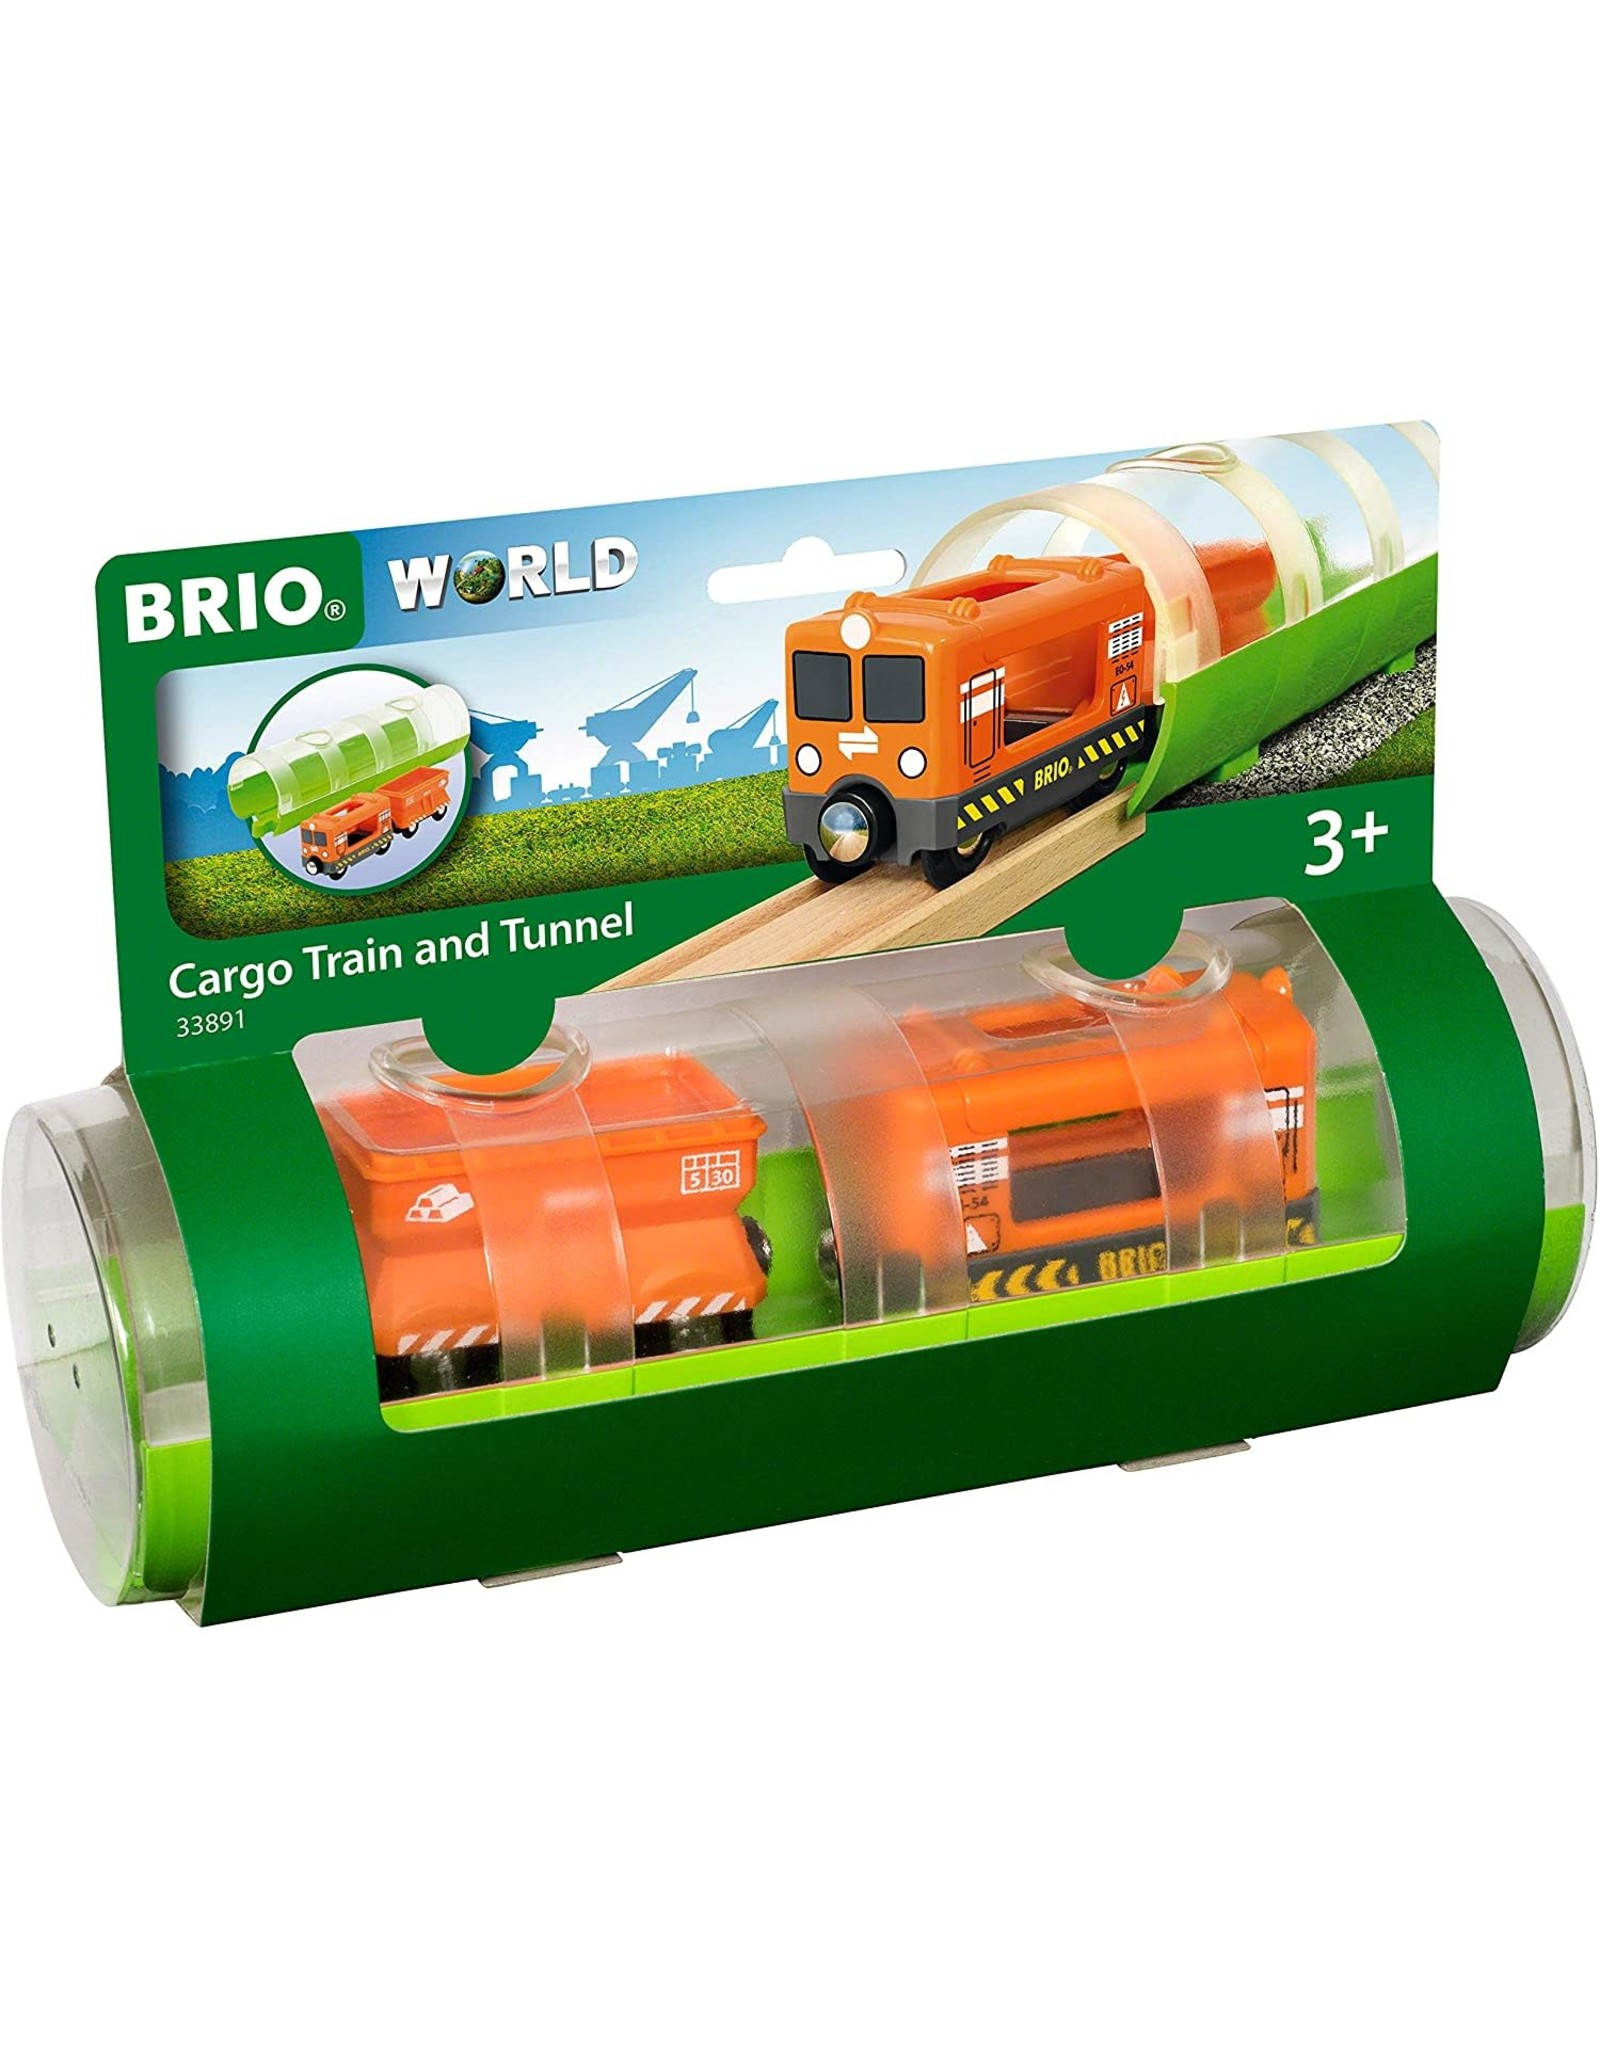 Brio BRIO Cargo Train and Tunnel